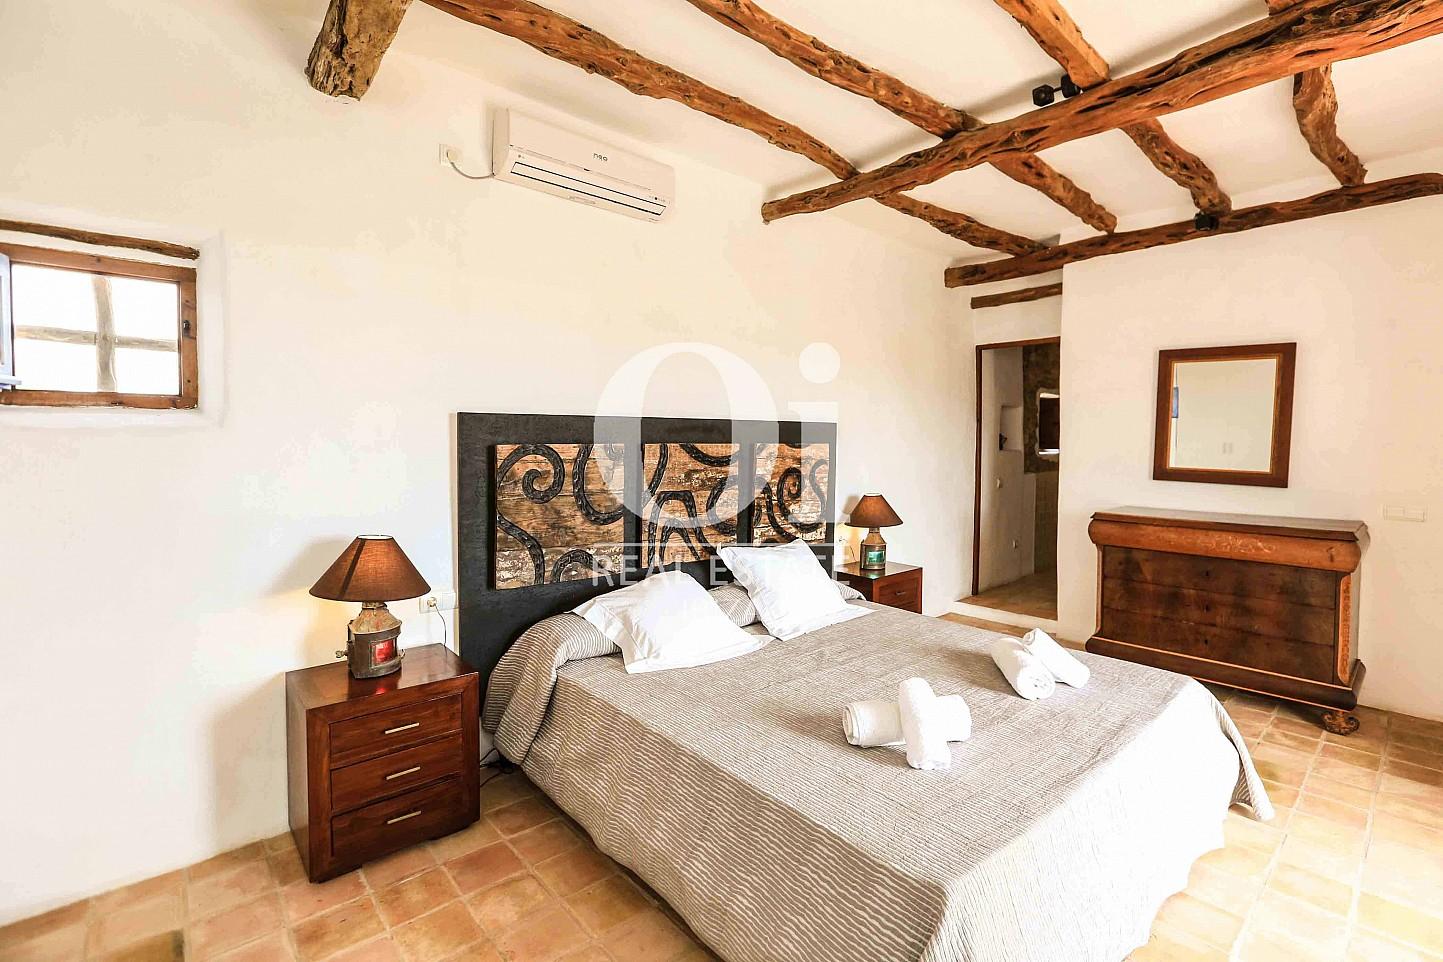 Habitación doble de casa en alquiler vacacional en zona Puig d'en Valls, Ibiza